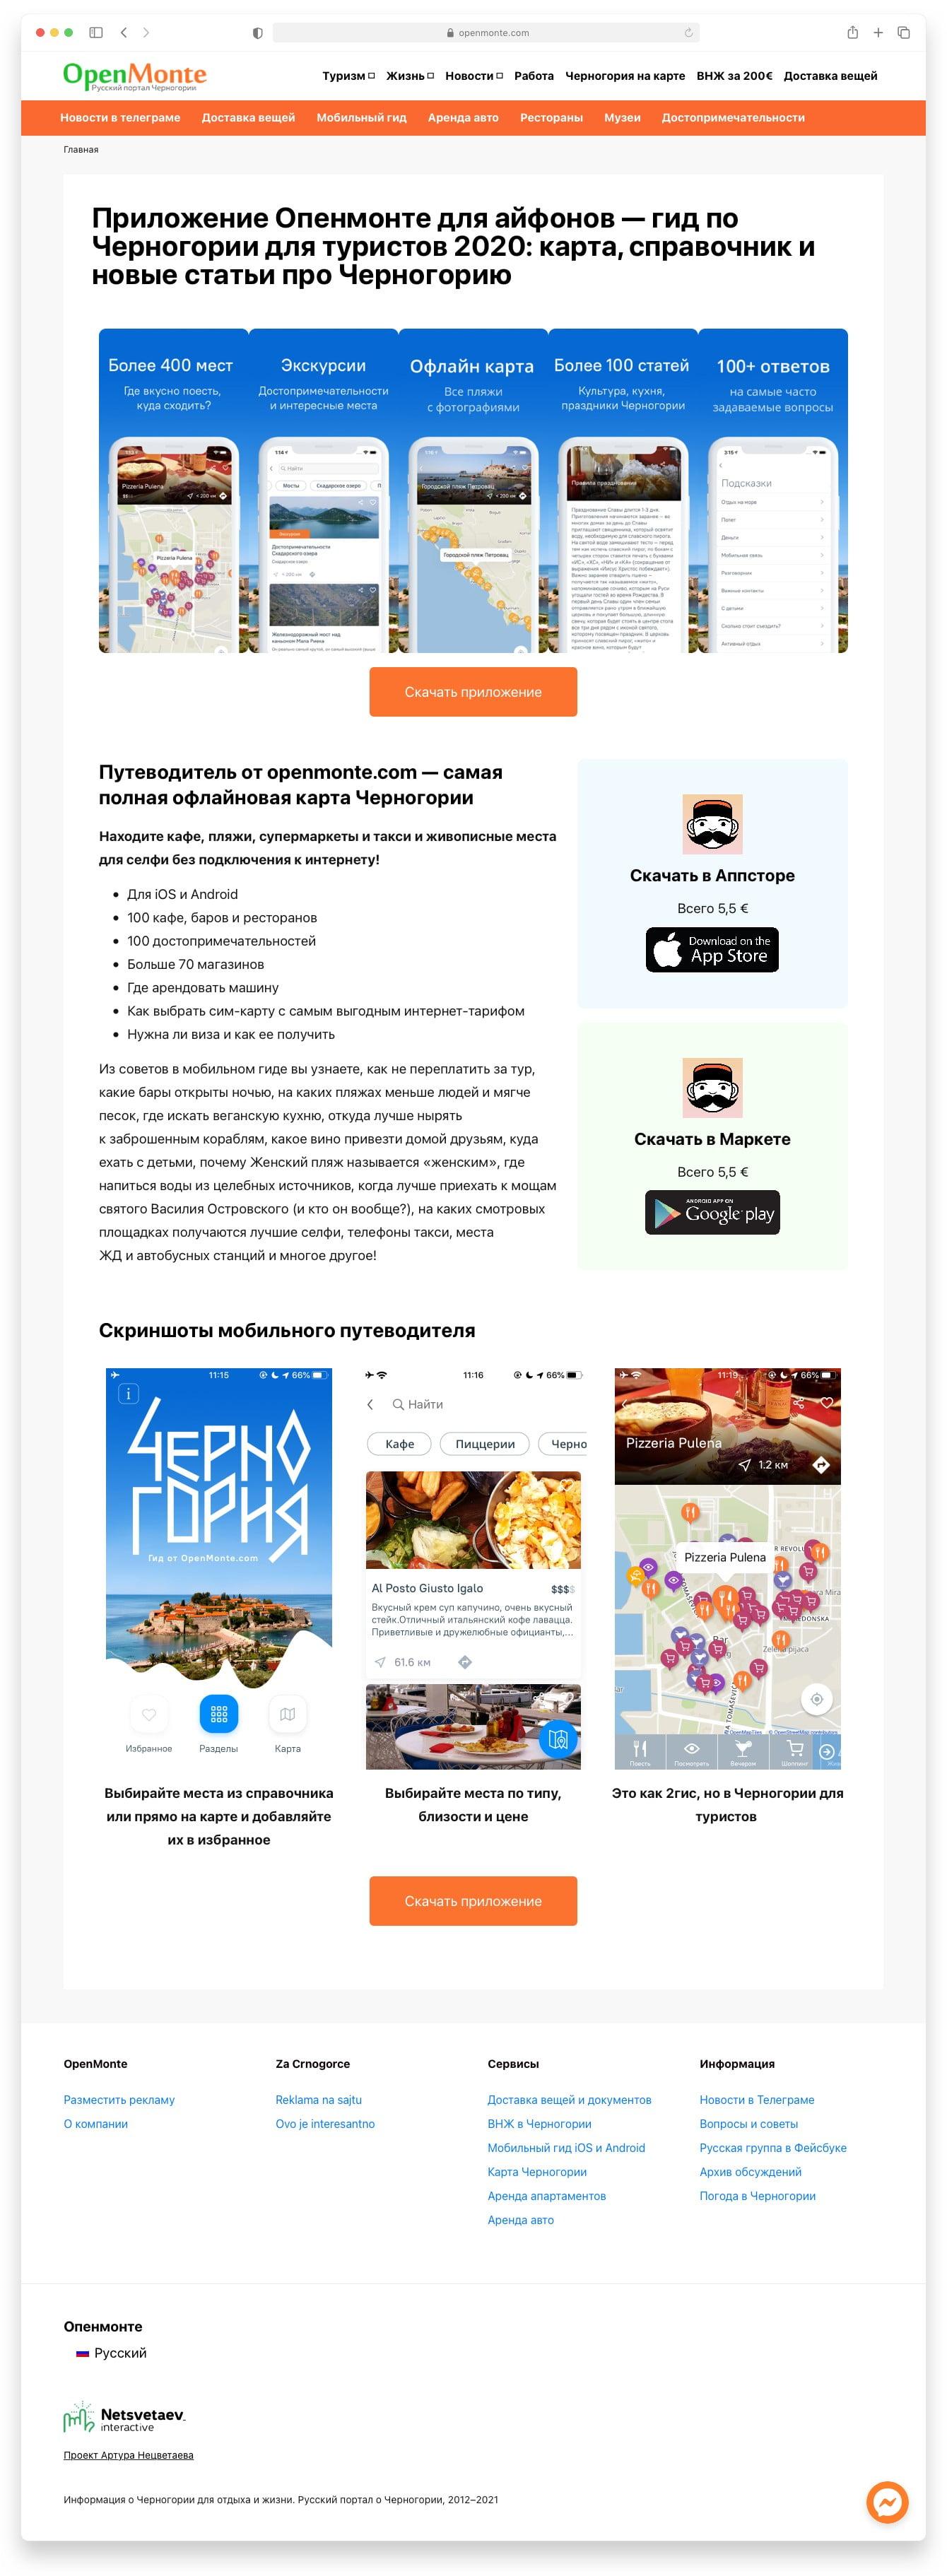 Туристический портал Опенмонте Сайт Артура Нецветаева — сайты, приложения, прототипы и оформление интерфейсов openmonte 2020 app artur netsvetaev design